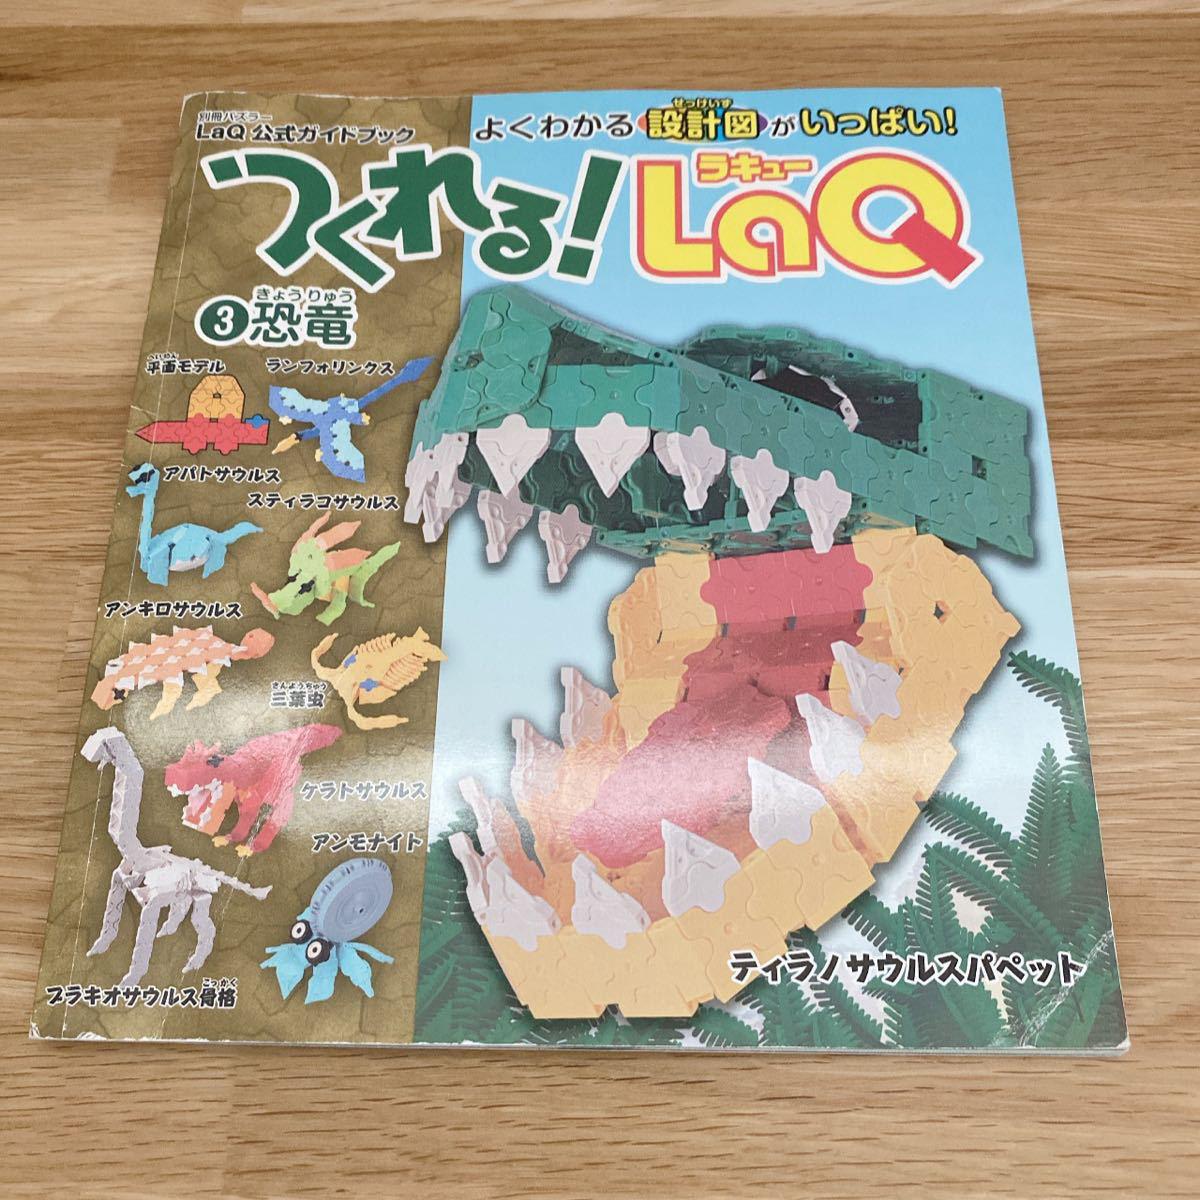 送料無料◇中古◇つくれる!LaQ 3恐竜 設計図 ラキュー ヨシリツ LaQ 本 ガイドブック 作り方の本 説明書 No2_画像1